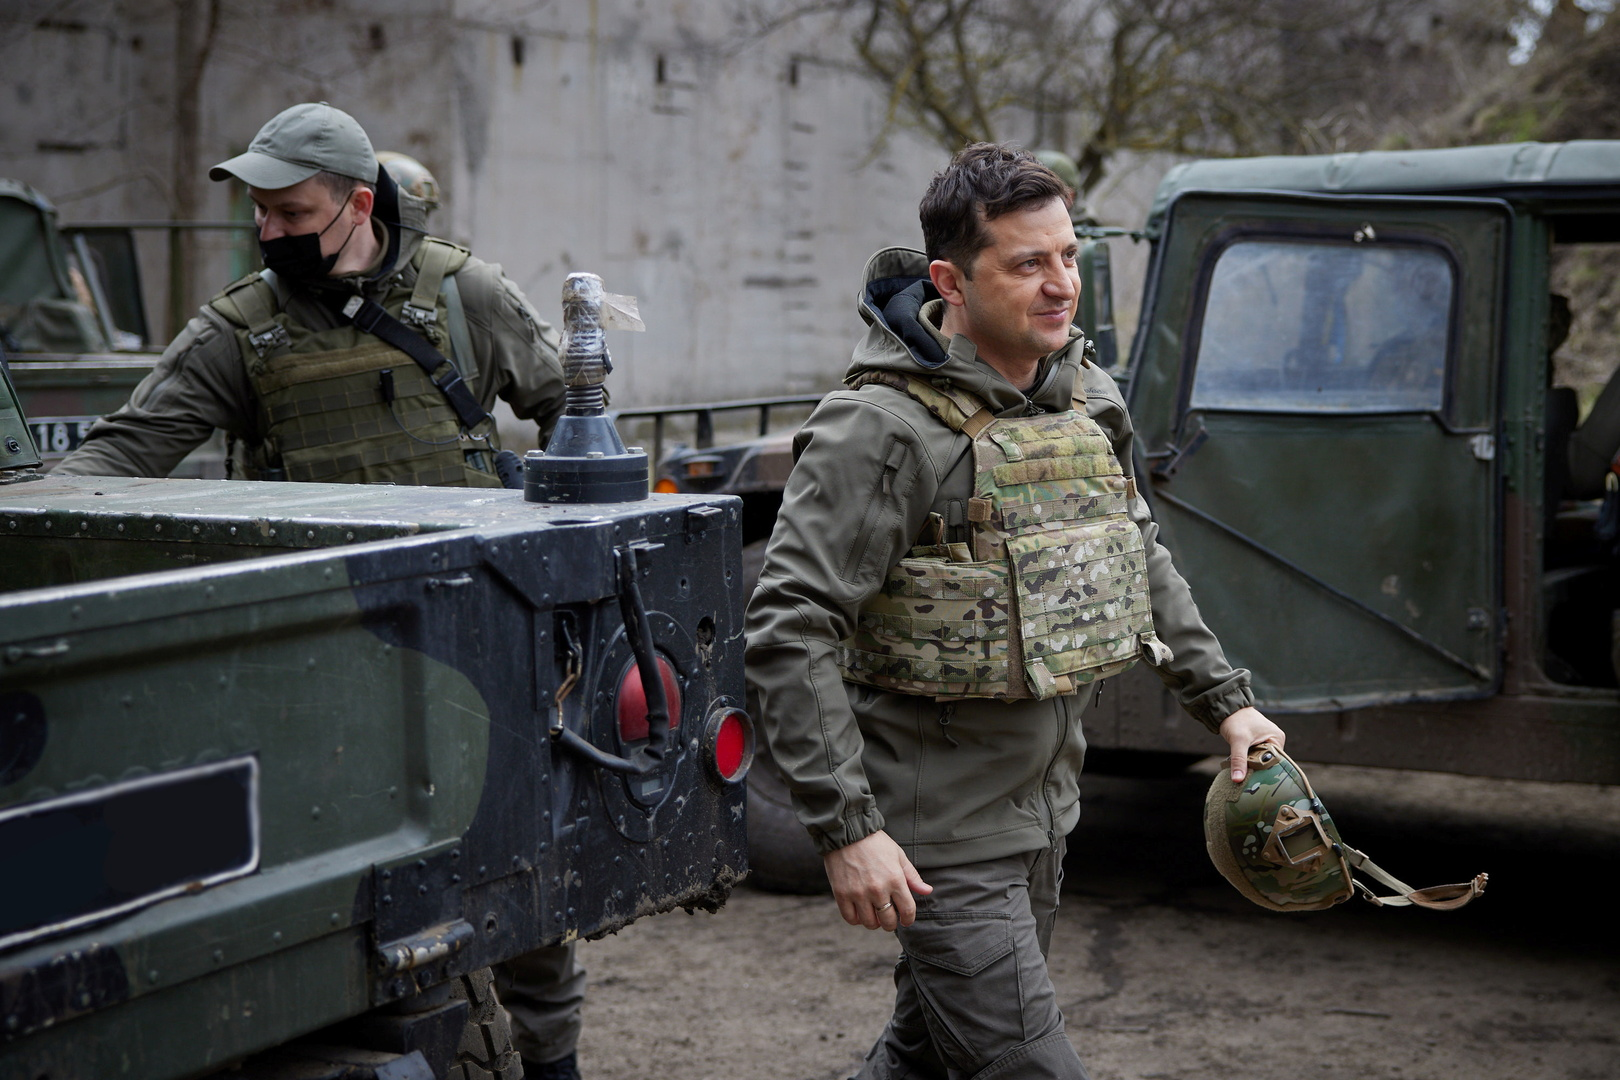 الخارجية الروسية: كييف تسعى للتغطية عن تقاعسها في تنفيذ اتفاقيات مينسك من خلال البحث عن صيغ موازية